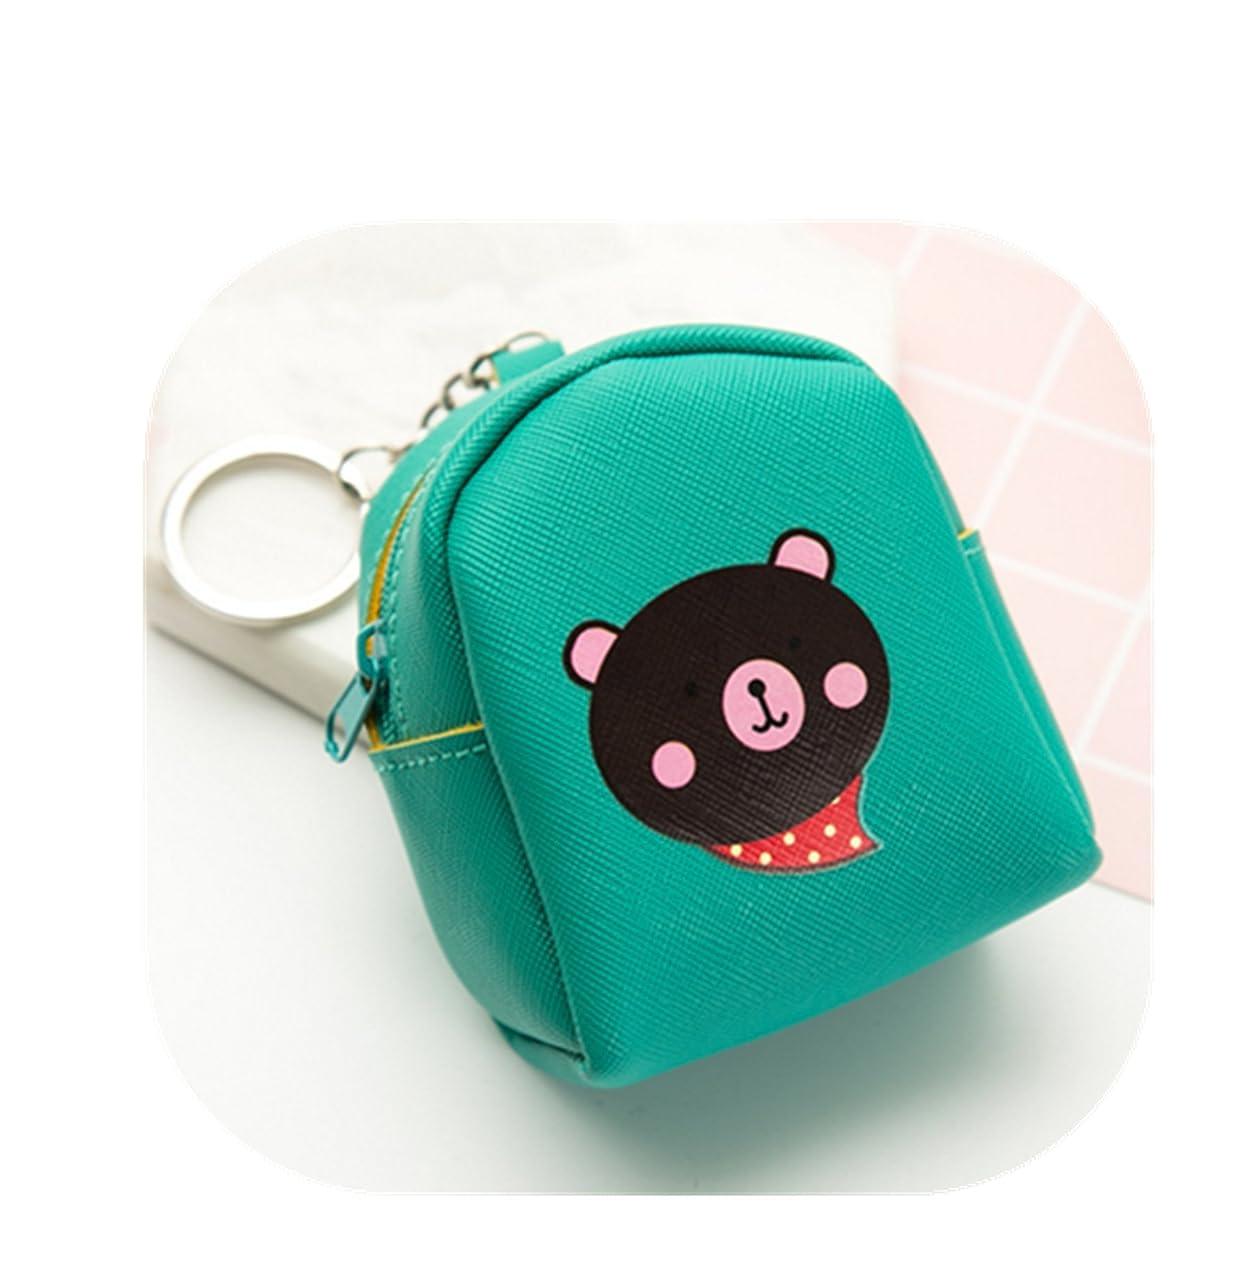 歌従事する不従順動物グリーンPUレザージッパー手ごろバッグキー財布